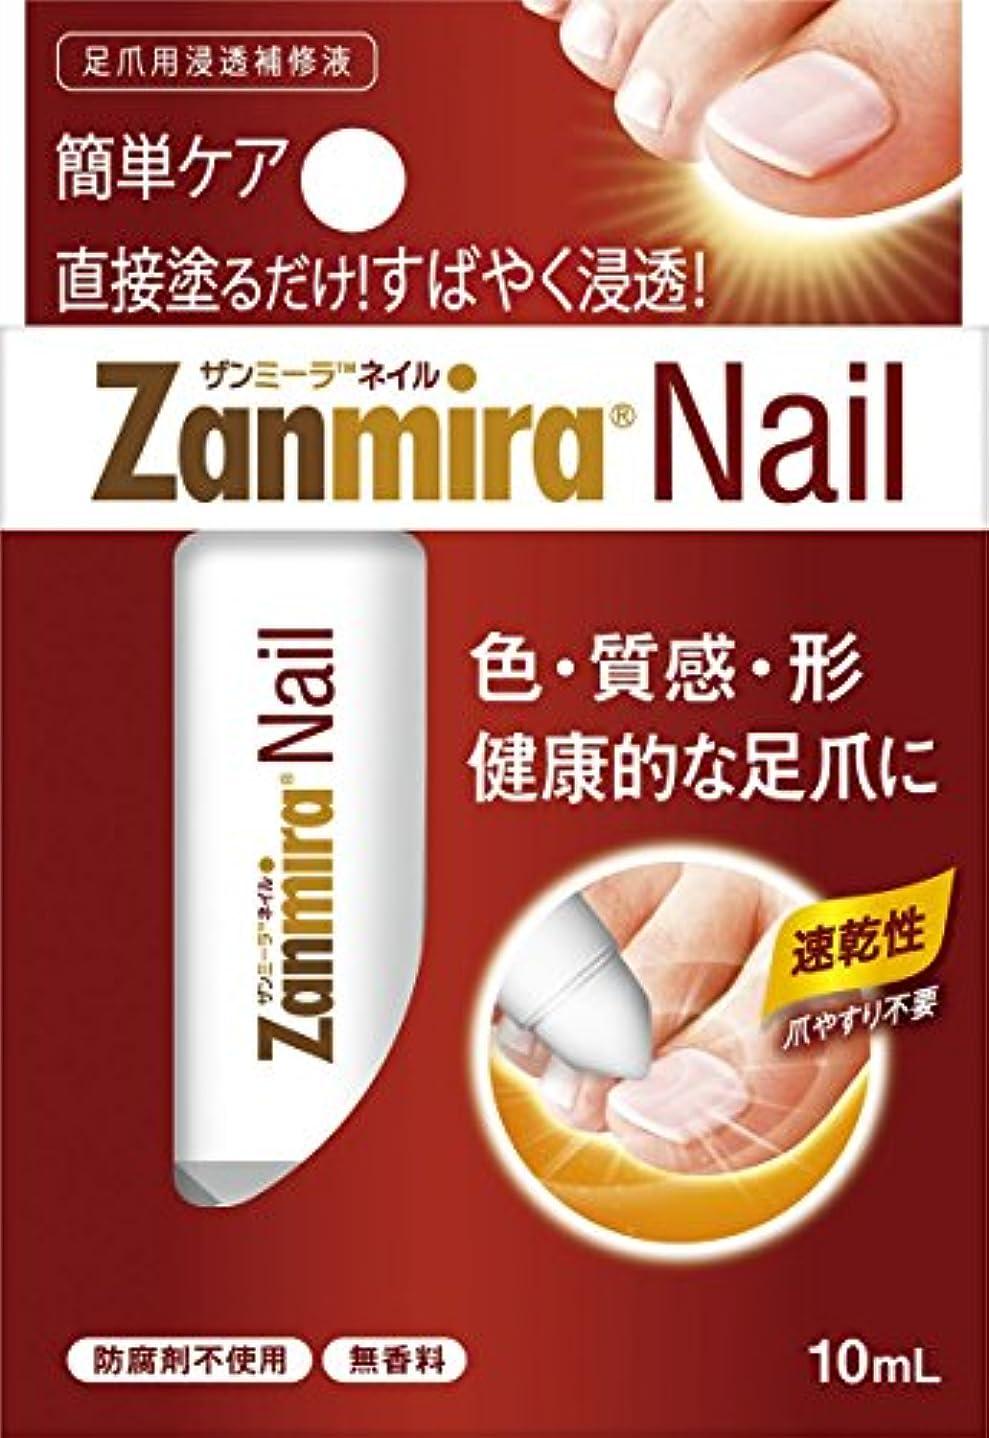 苦痛階段好意的ザンミーラ ネイル Zanmira Nail 10ml 足爪用浸透補修液